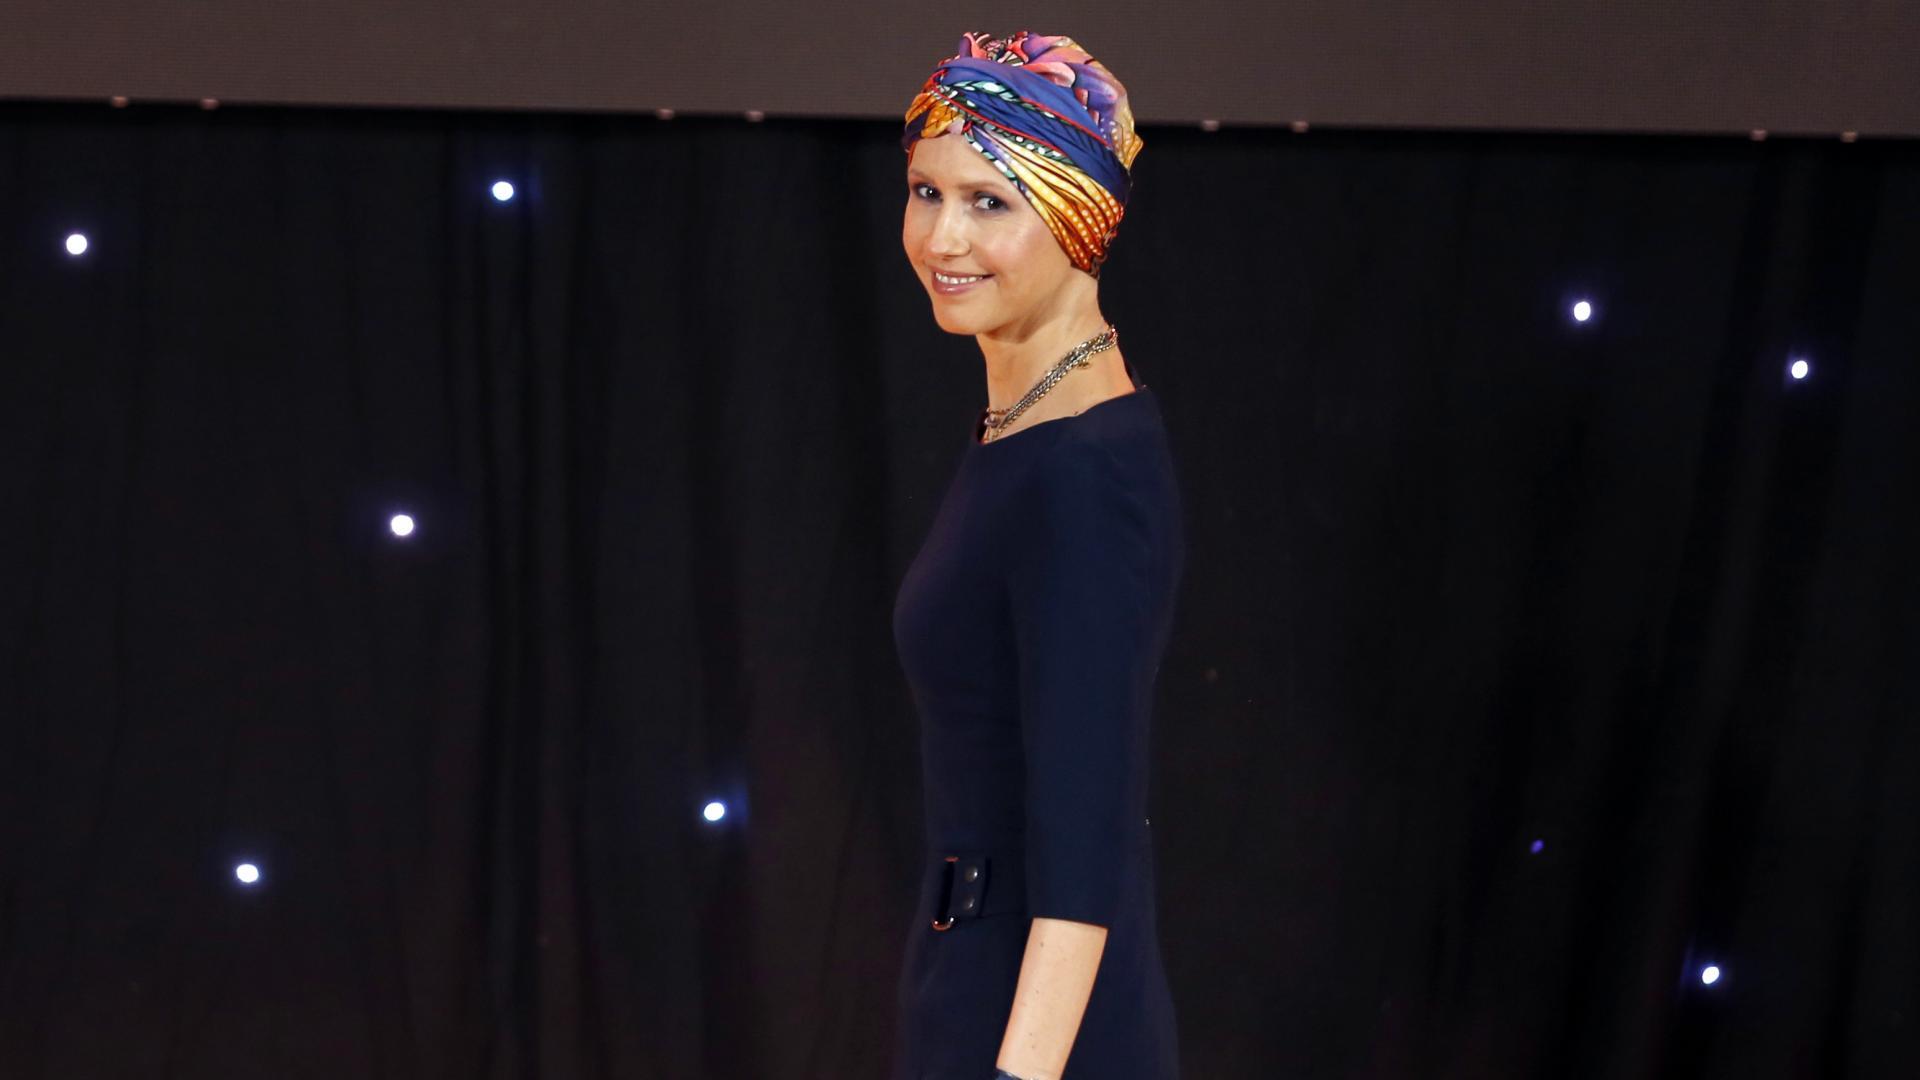 أسماء الأسد تجري عملية جراحية ناجحة لعلاج سرطان الثدي